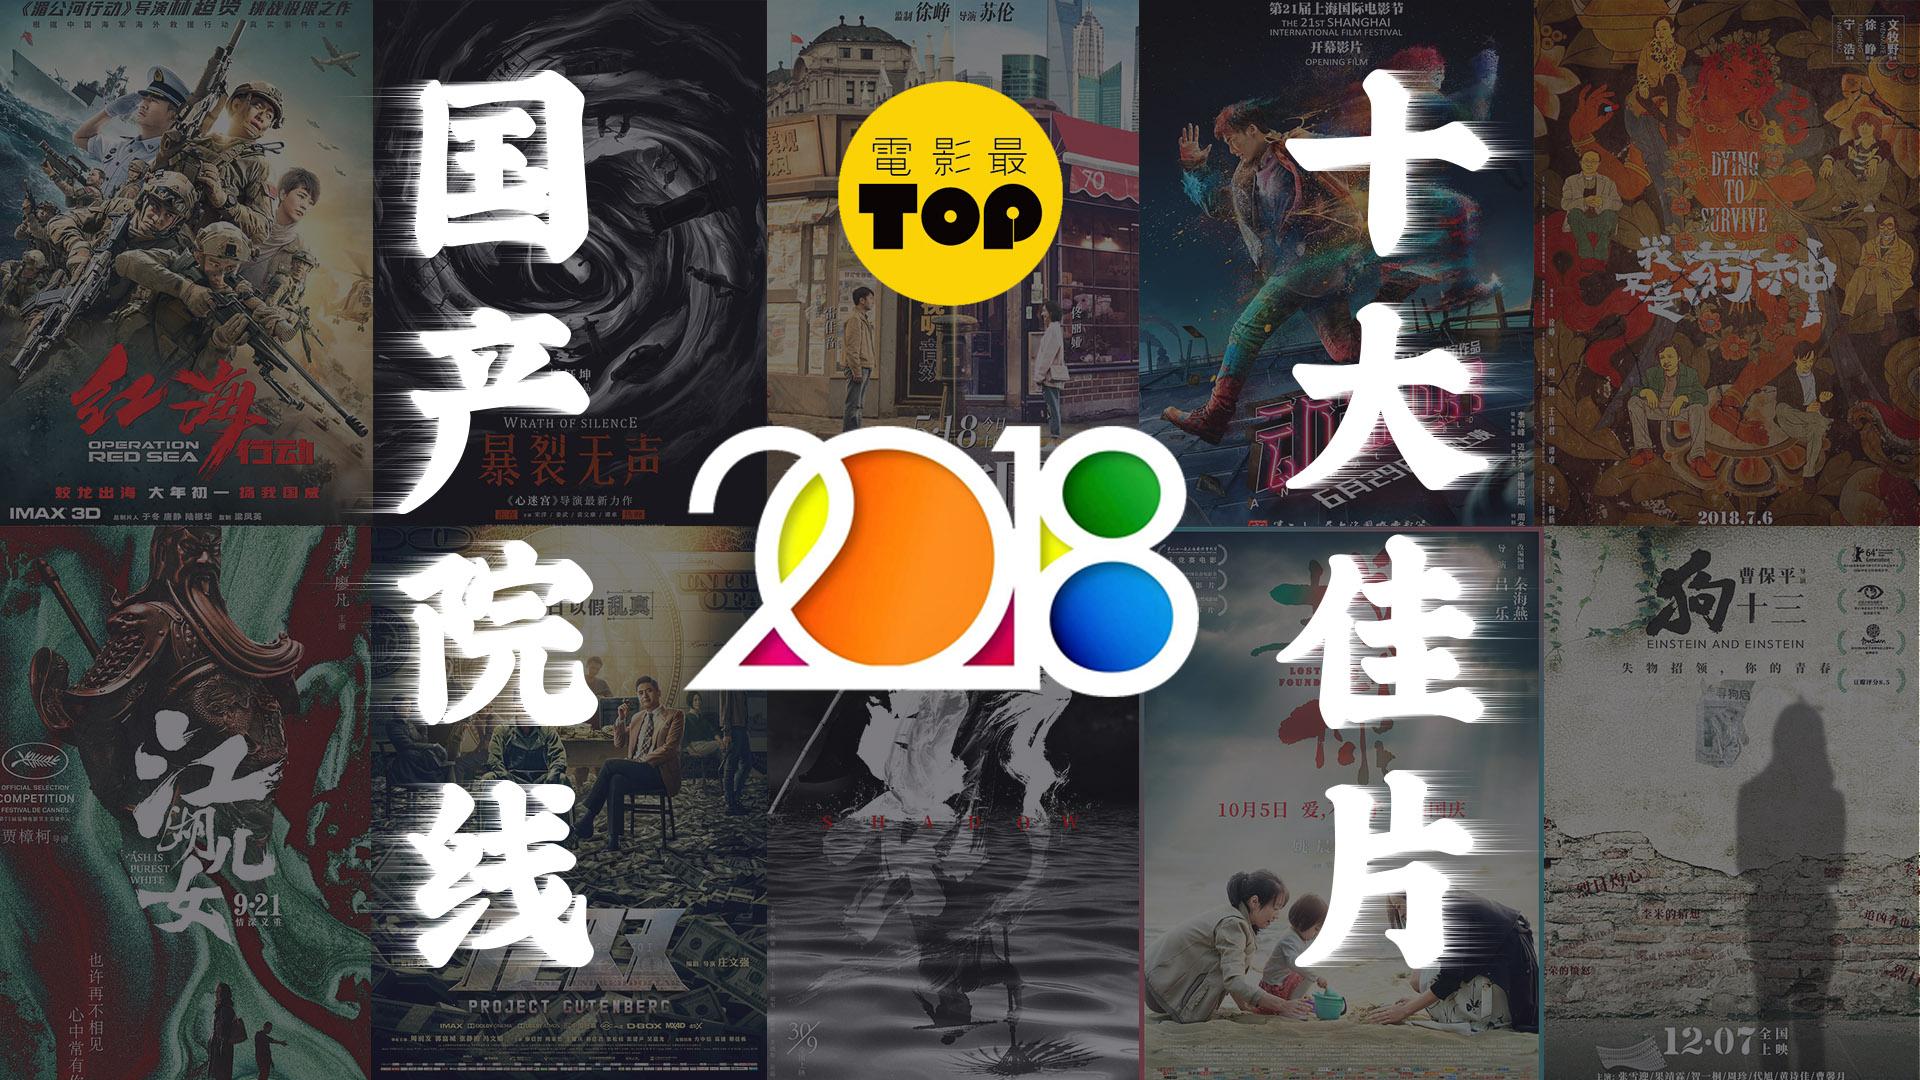 电影最TOP 117: 2018年度十大国产佳片盘点